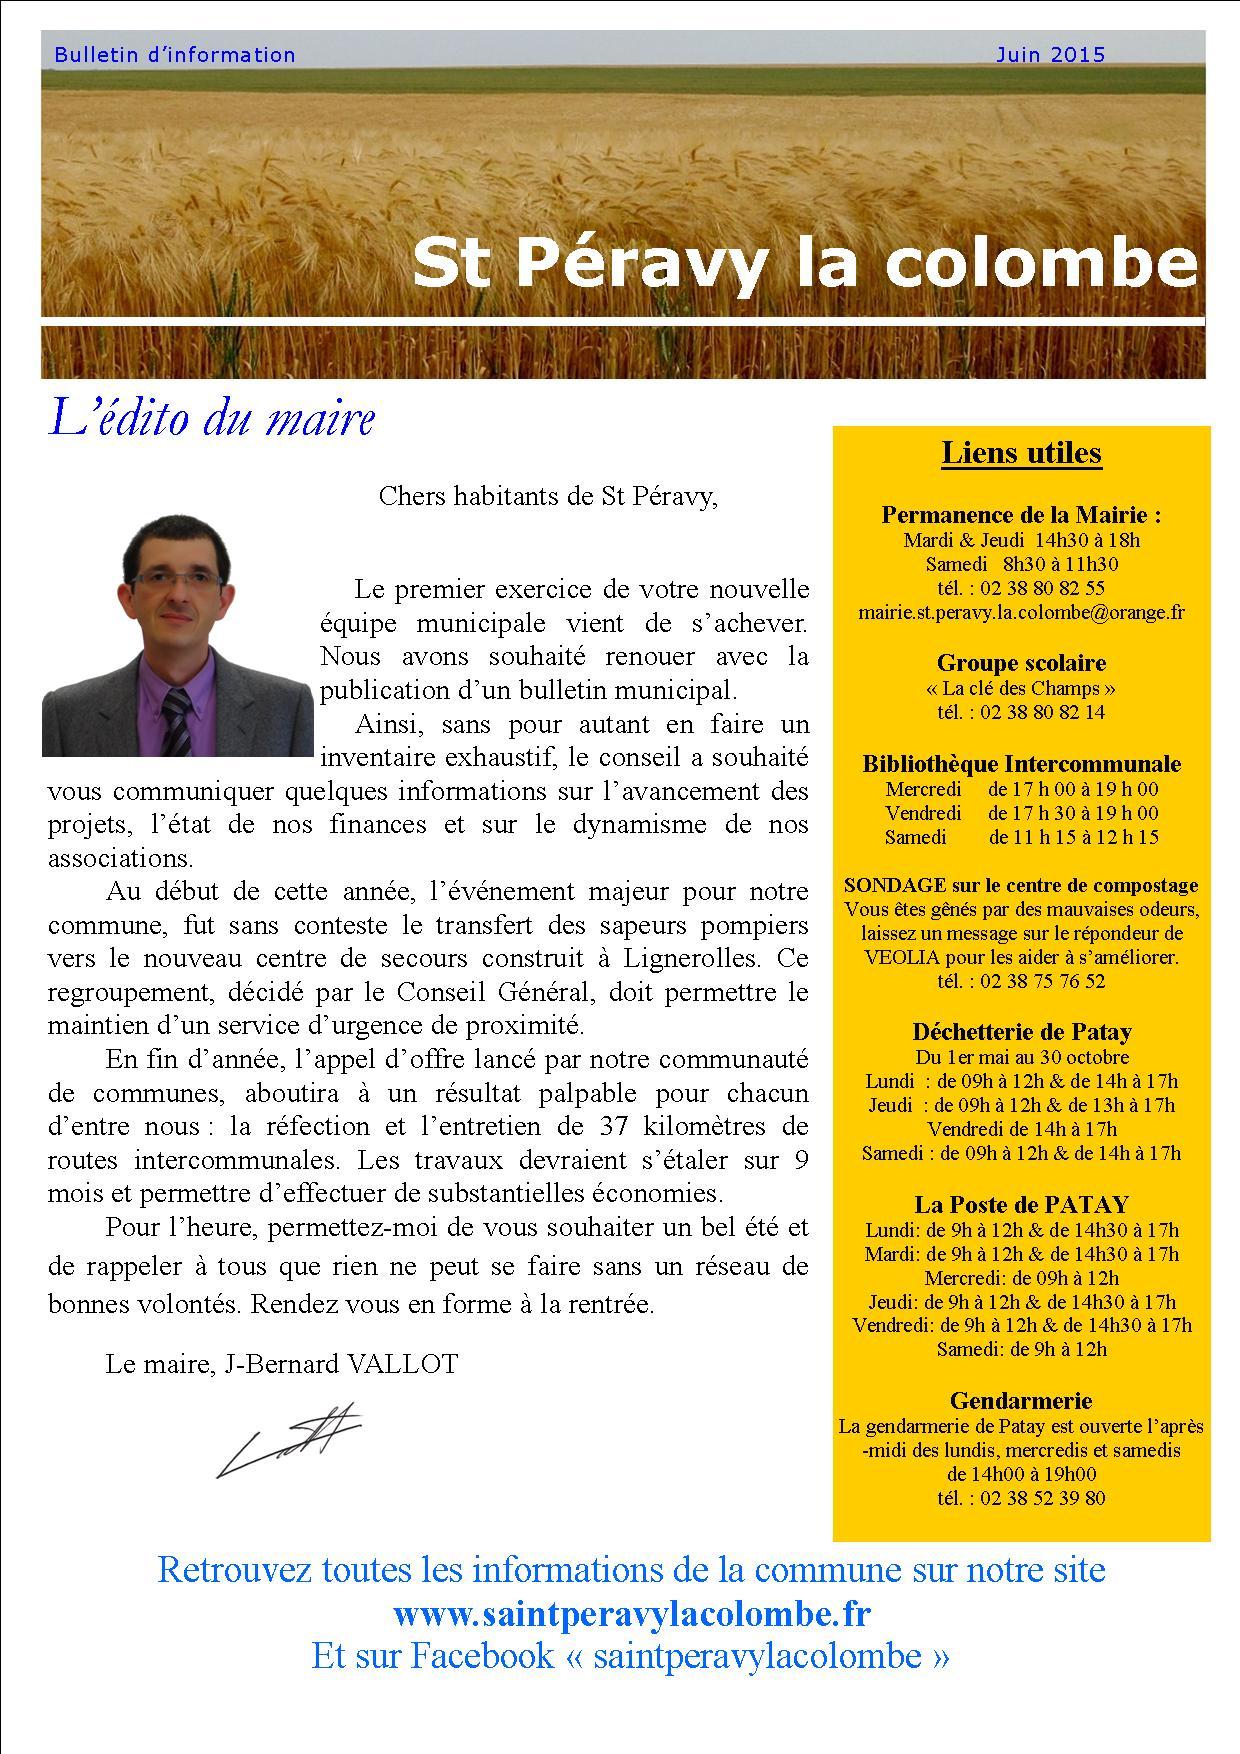 Bulletin juin 2015